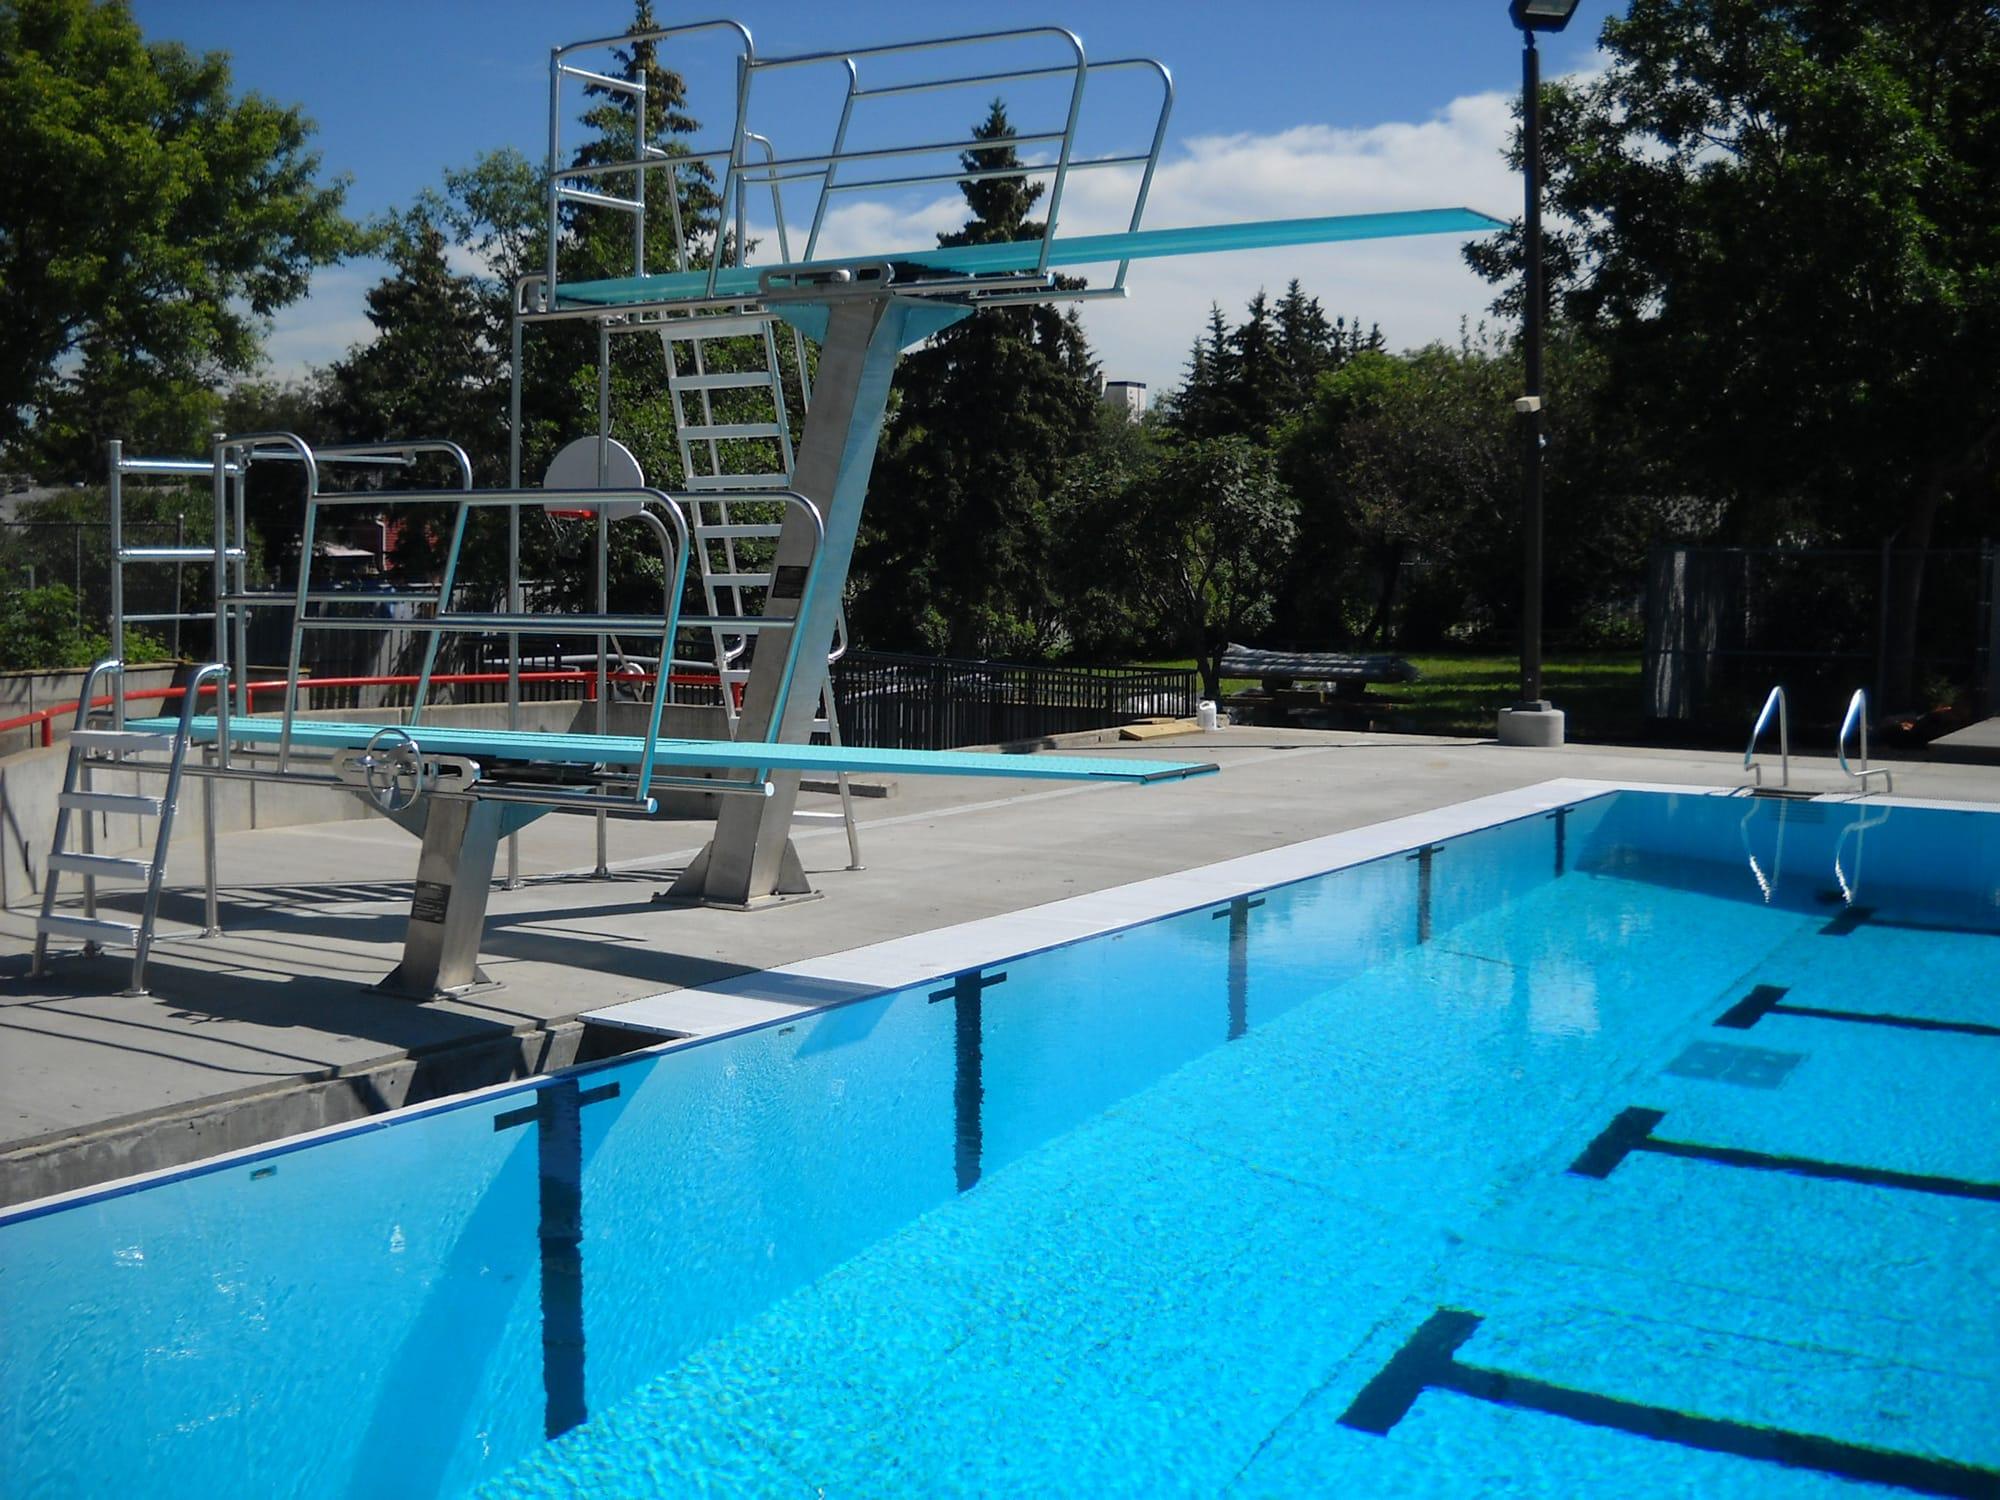 d Broadstock Outdoor Pool